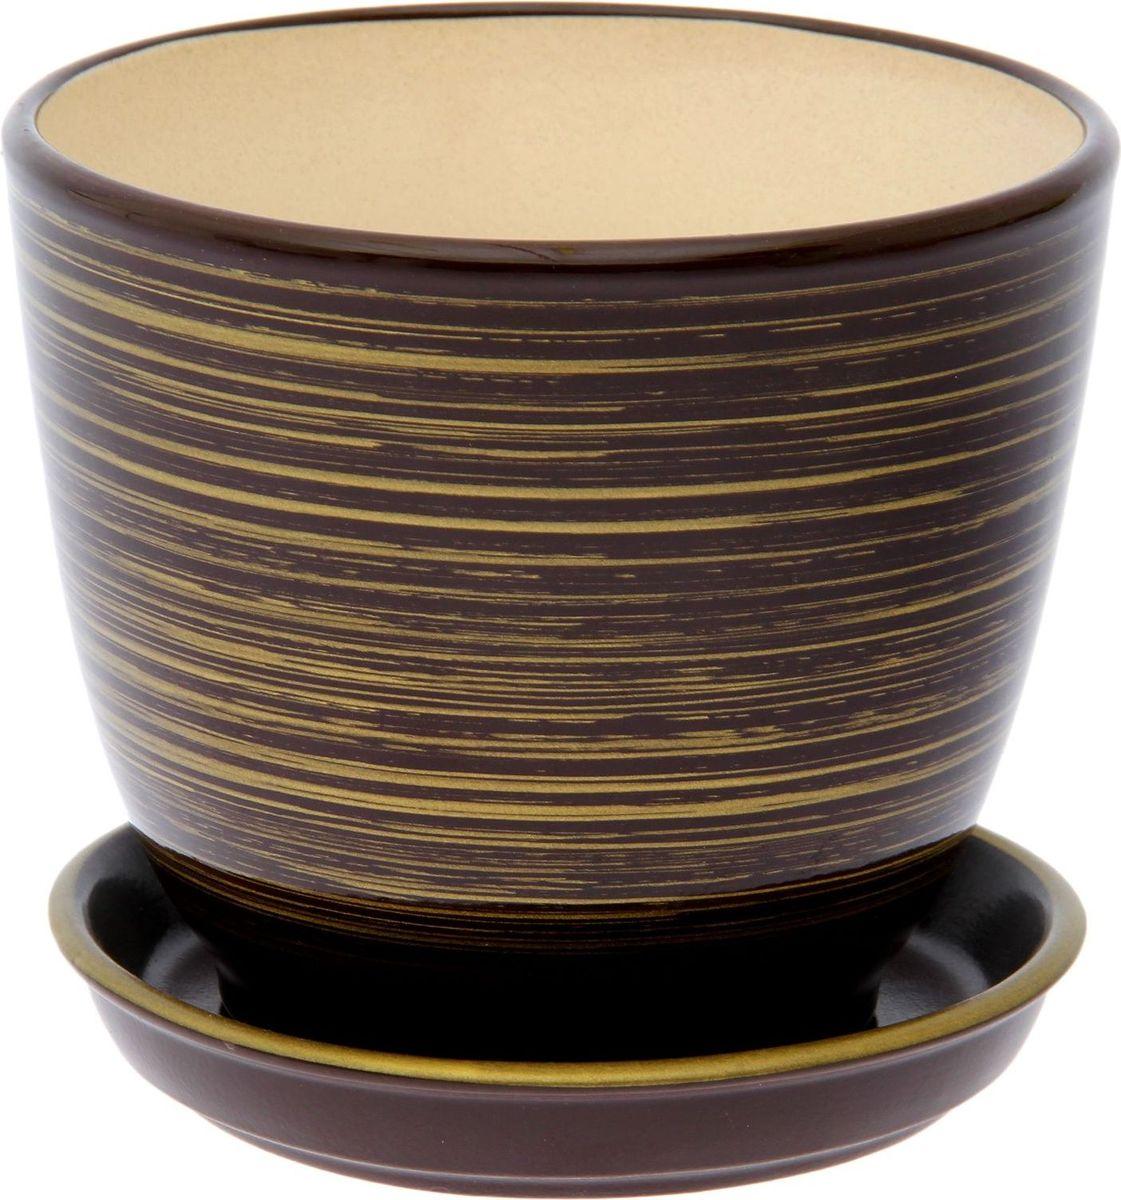 Кашпо Керамика ручной работы Кедр. Глянец, цвет: шоколадный, золотой, 1,6 л1489701Комнатные растения - всеобщие любимцы. Они радуют глаз, насыщают помещение кислородом и украшают пространство. Каждому из них необходим свой удобный и красивый дом. Кашпо из керамики прекрасно подходят для высадки растений:пористый материал позволяет испаряться лишней влаге;воздух, необходимый для дыхания корней, проникает сквозь керамические стенки. Кашпо Кедр. Глянец позаботится о зеленом питомце, освежит интерьер и подчеркнет его стиль.